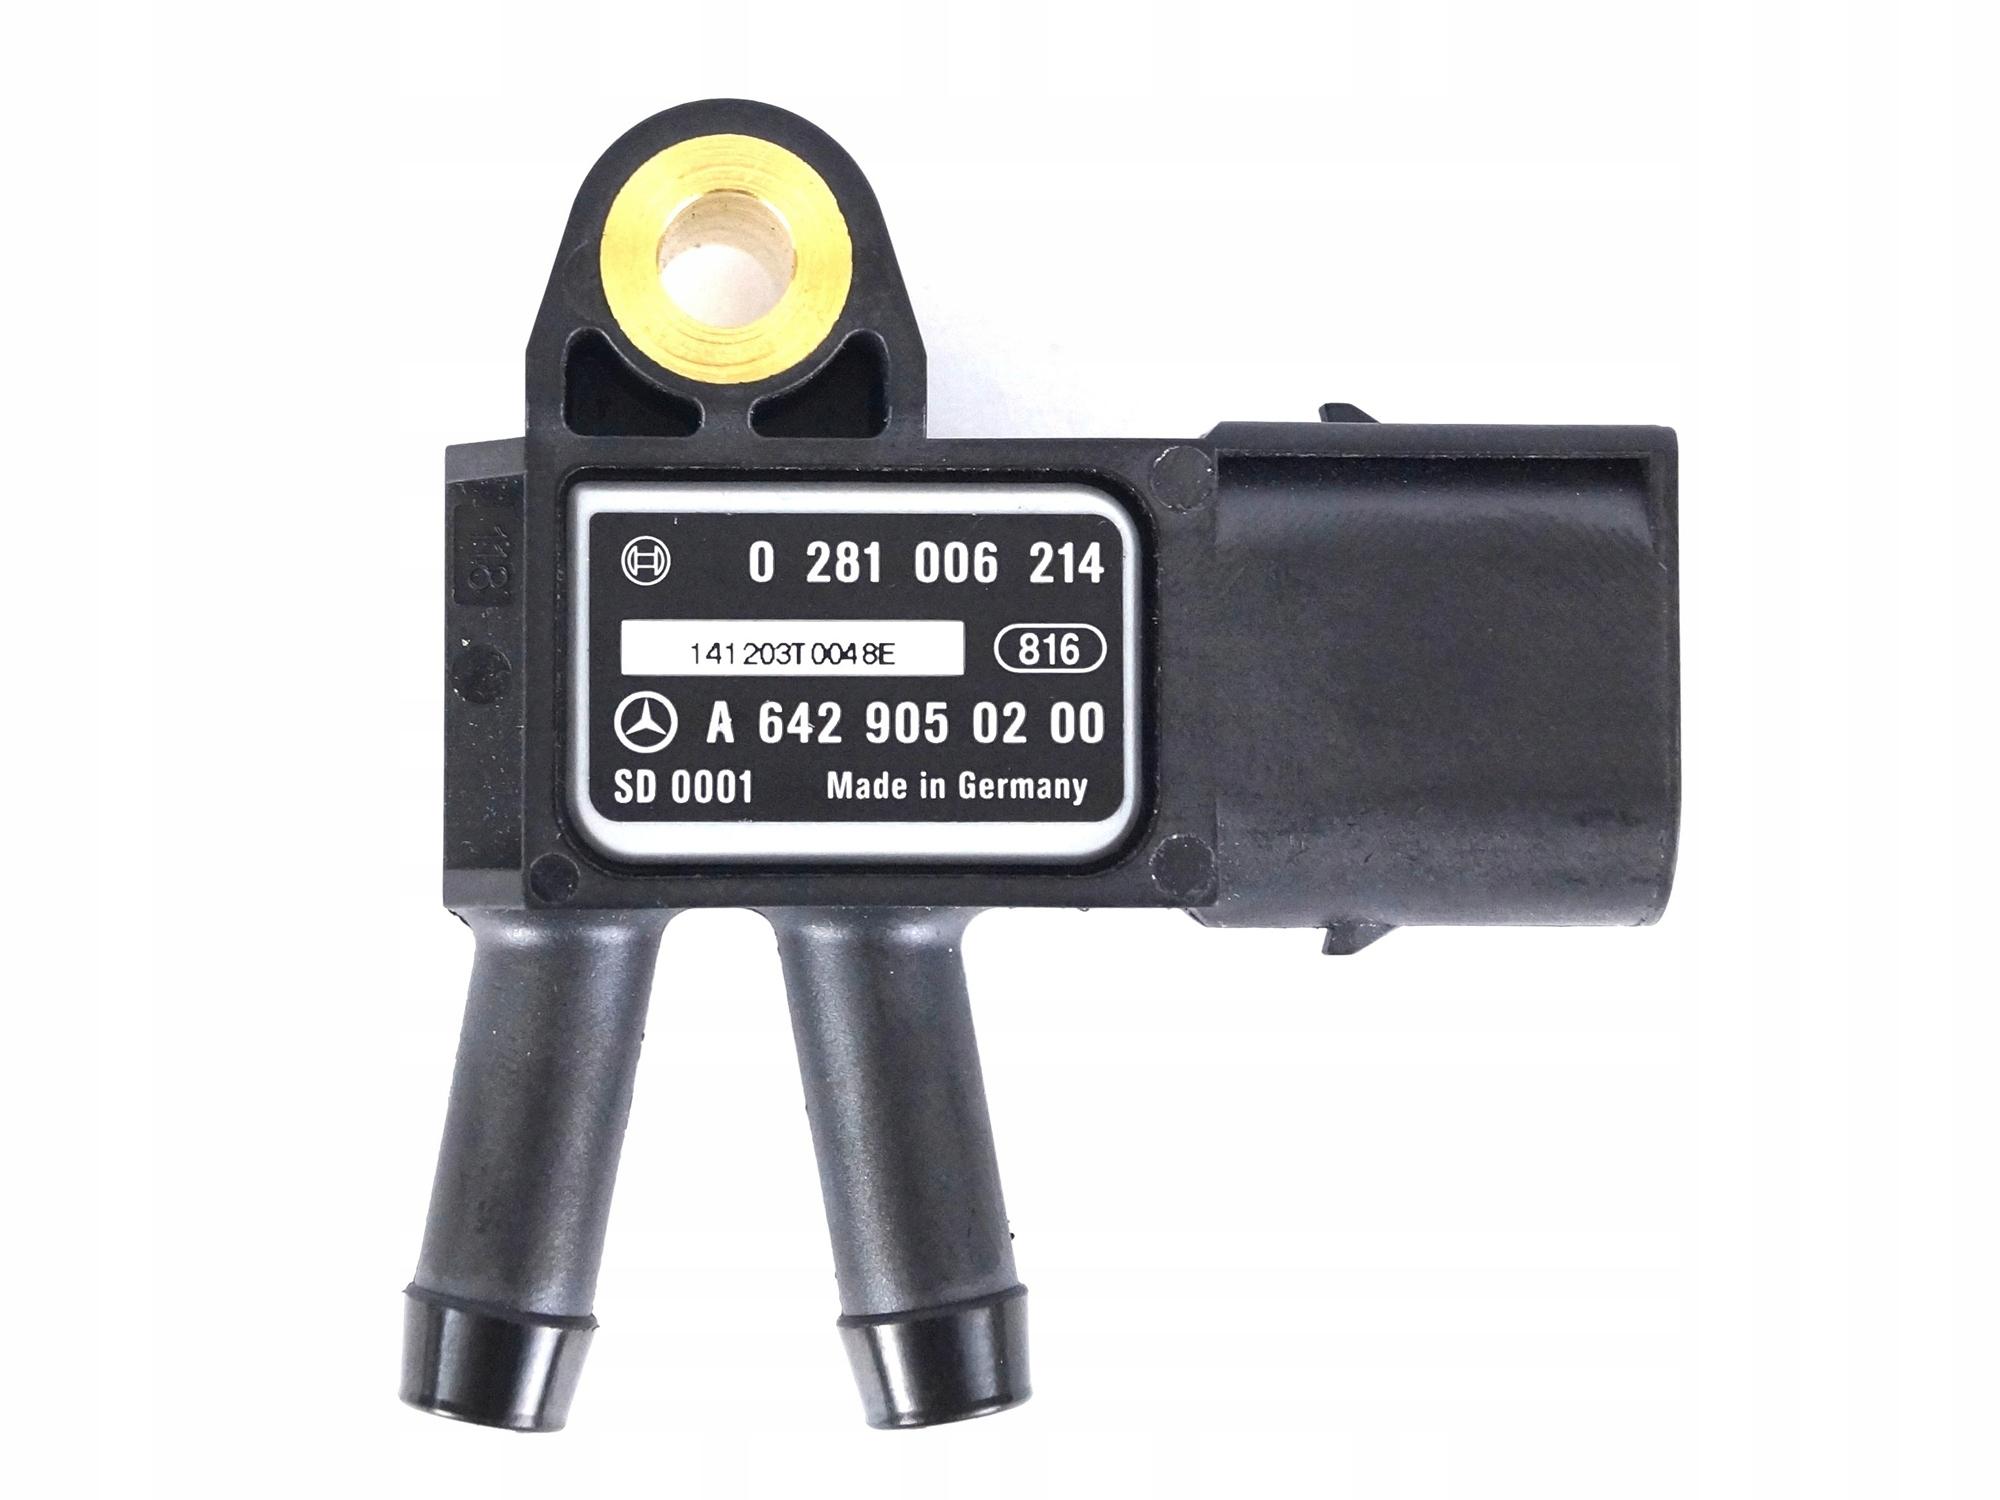 датчик давления выхлопных газов mercedes sprinter 906 cdi